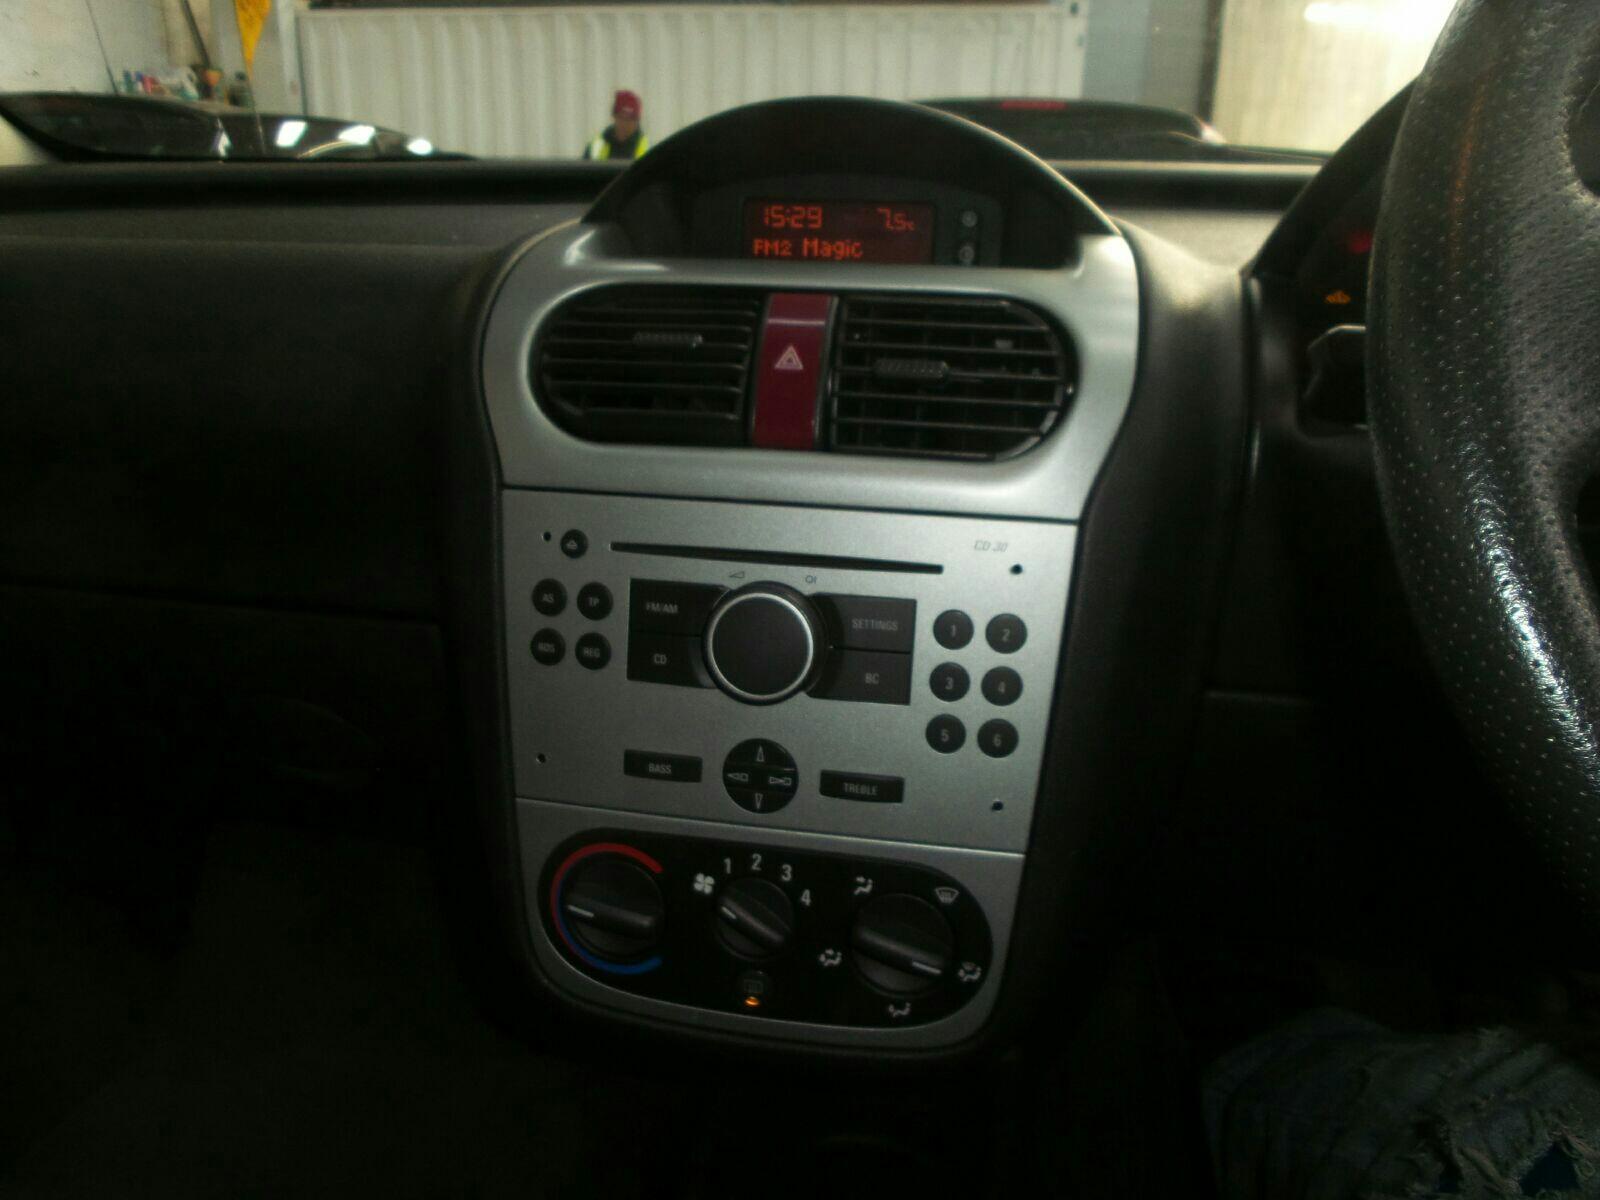 View Auto part LR Strut Vauxhall Corsa 2006